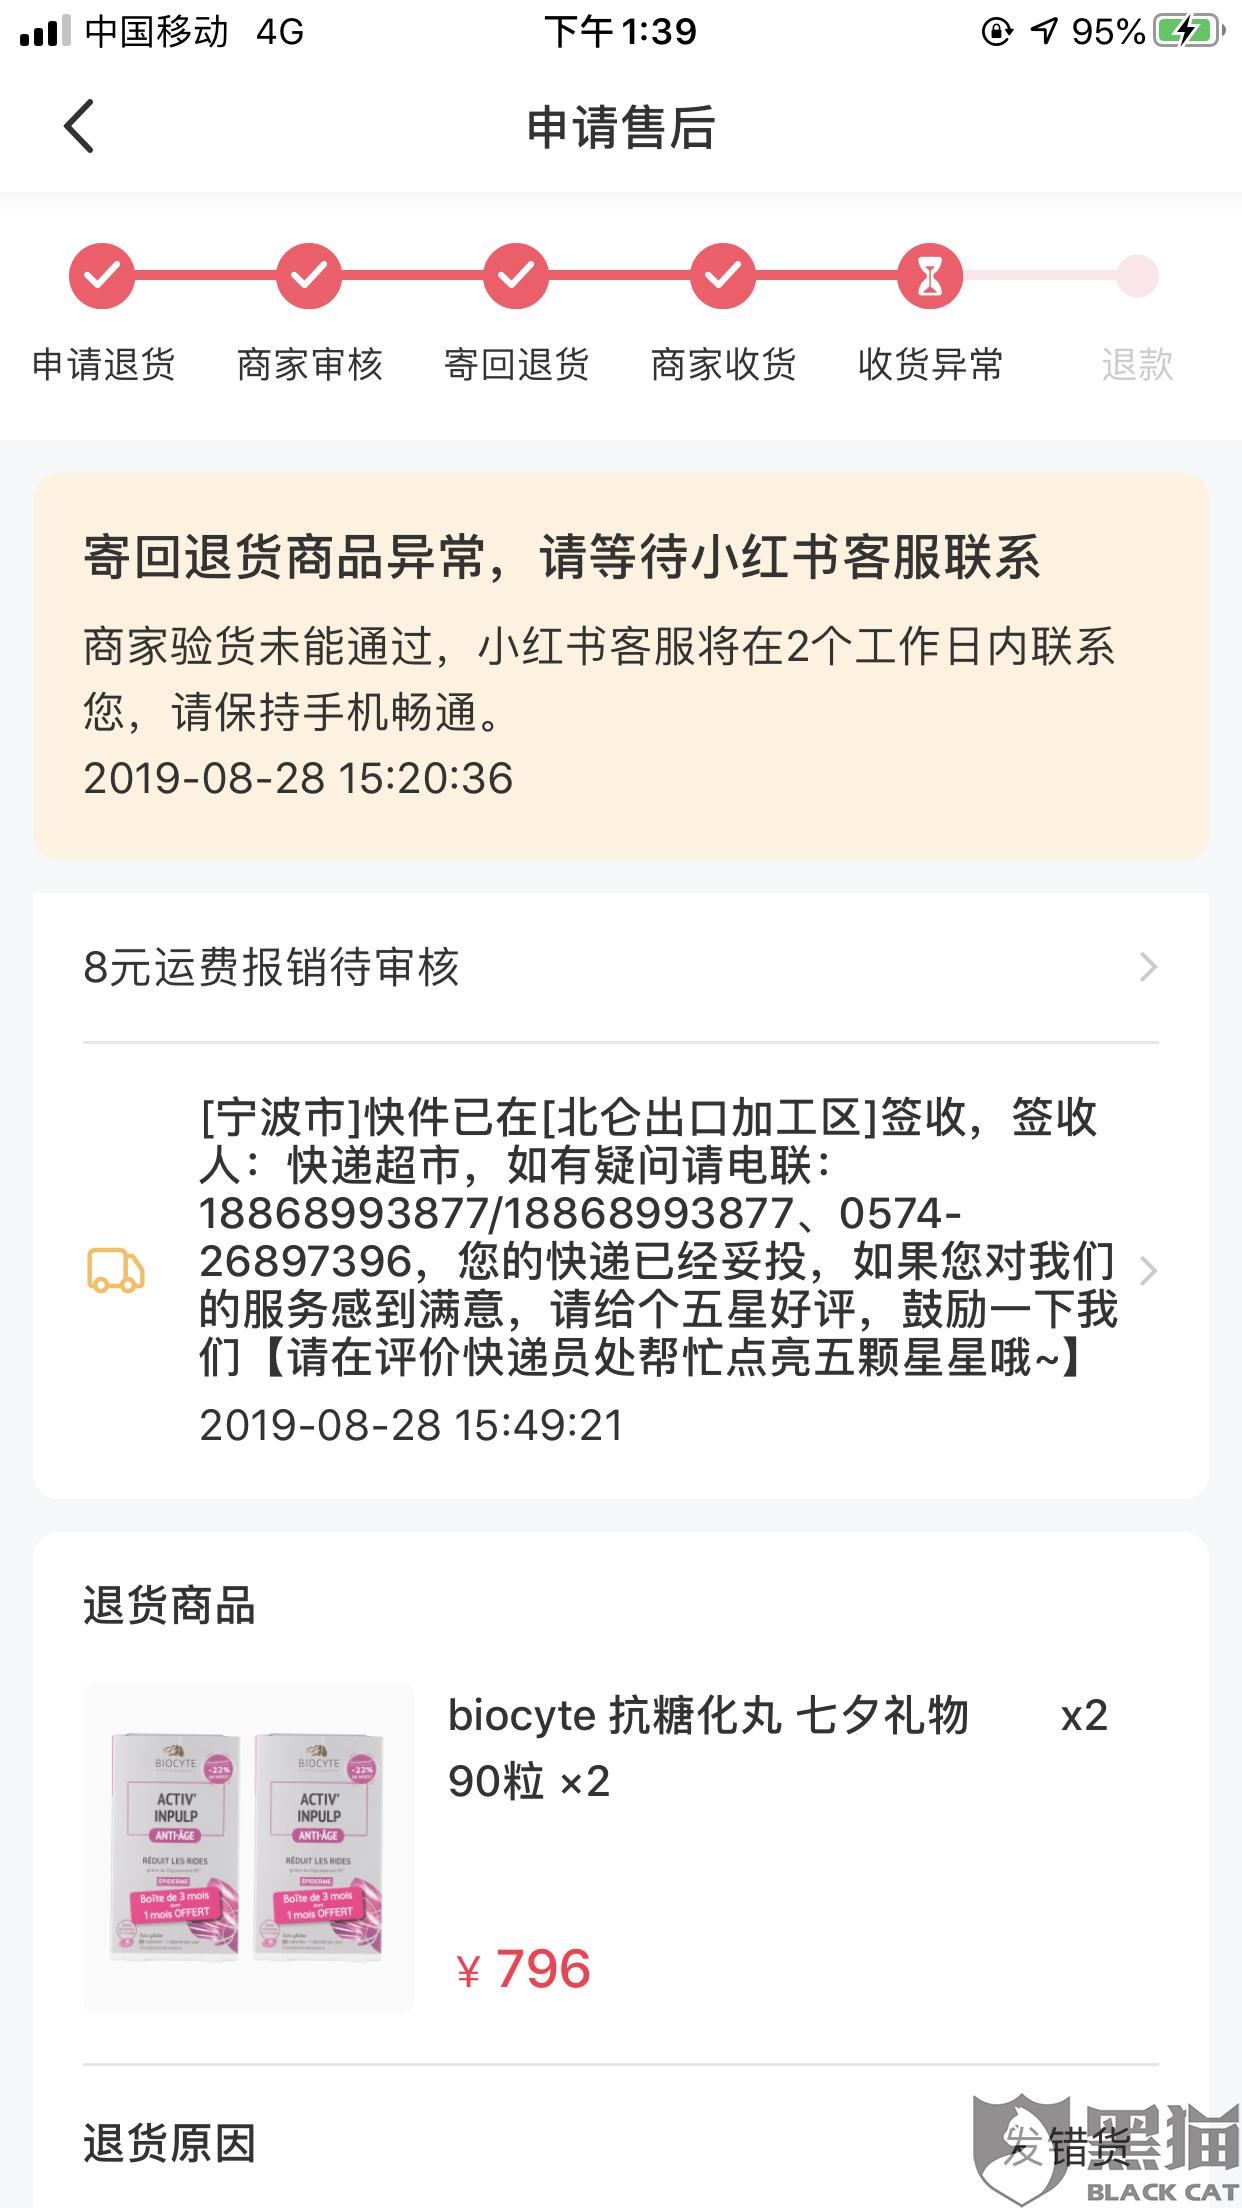 黑猫投诉:小红书退货拒不退款 验完货拒不退款